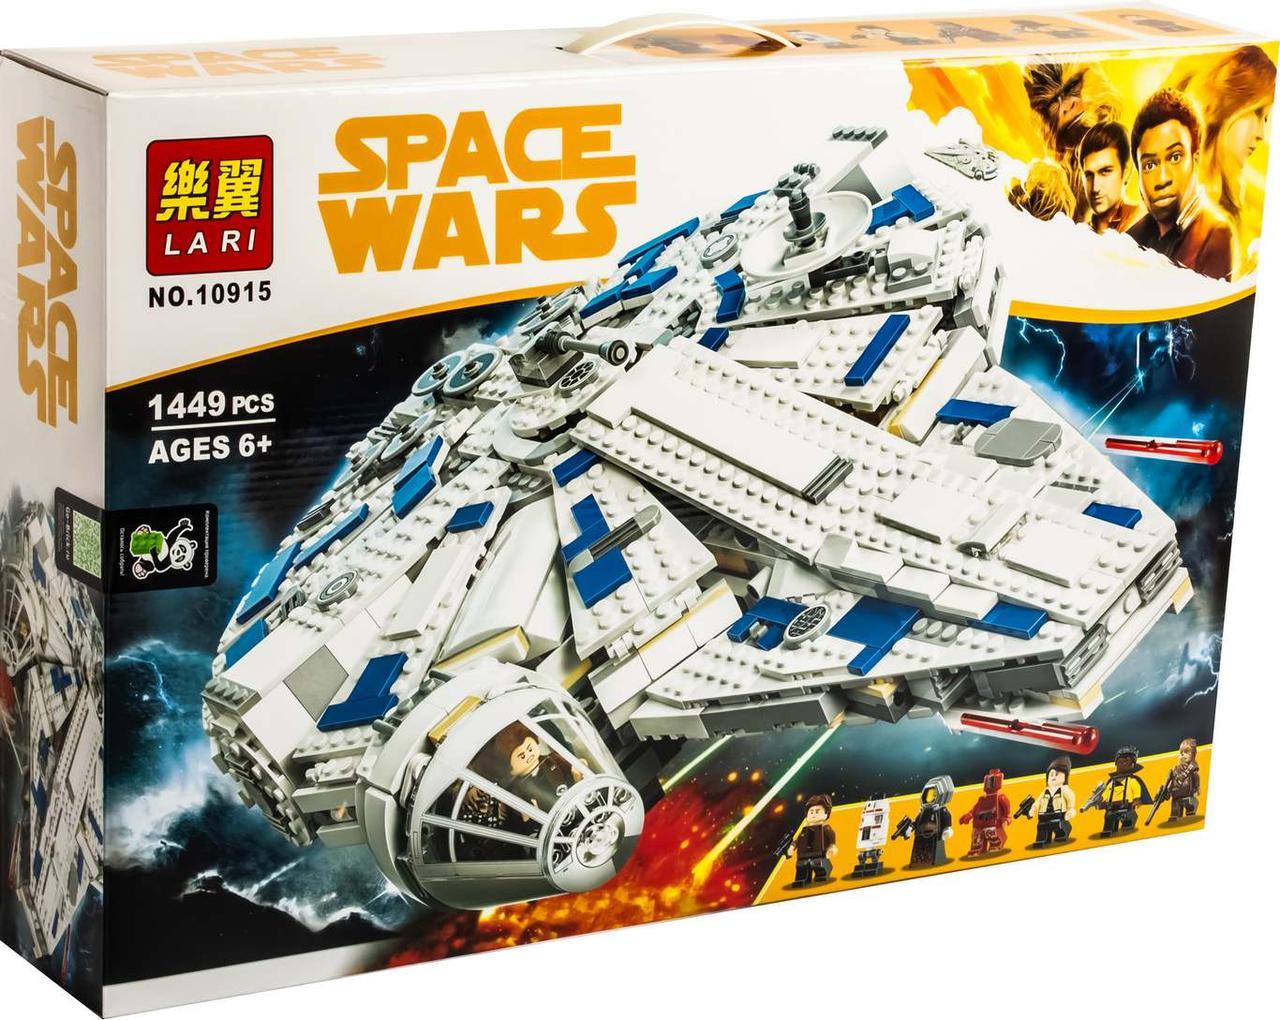 Lari Space Wars 10915 Конструктор Сокол Тысячелетия на Дуге Кесселя,  210 деталей (Аналог LEGO)